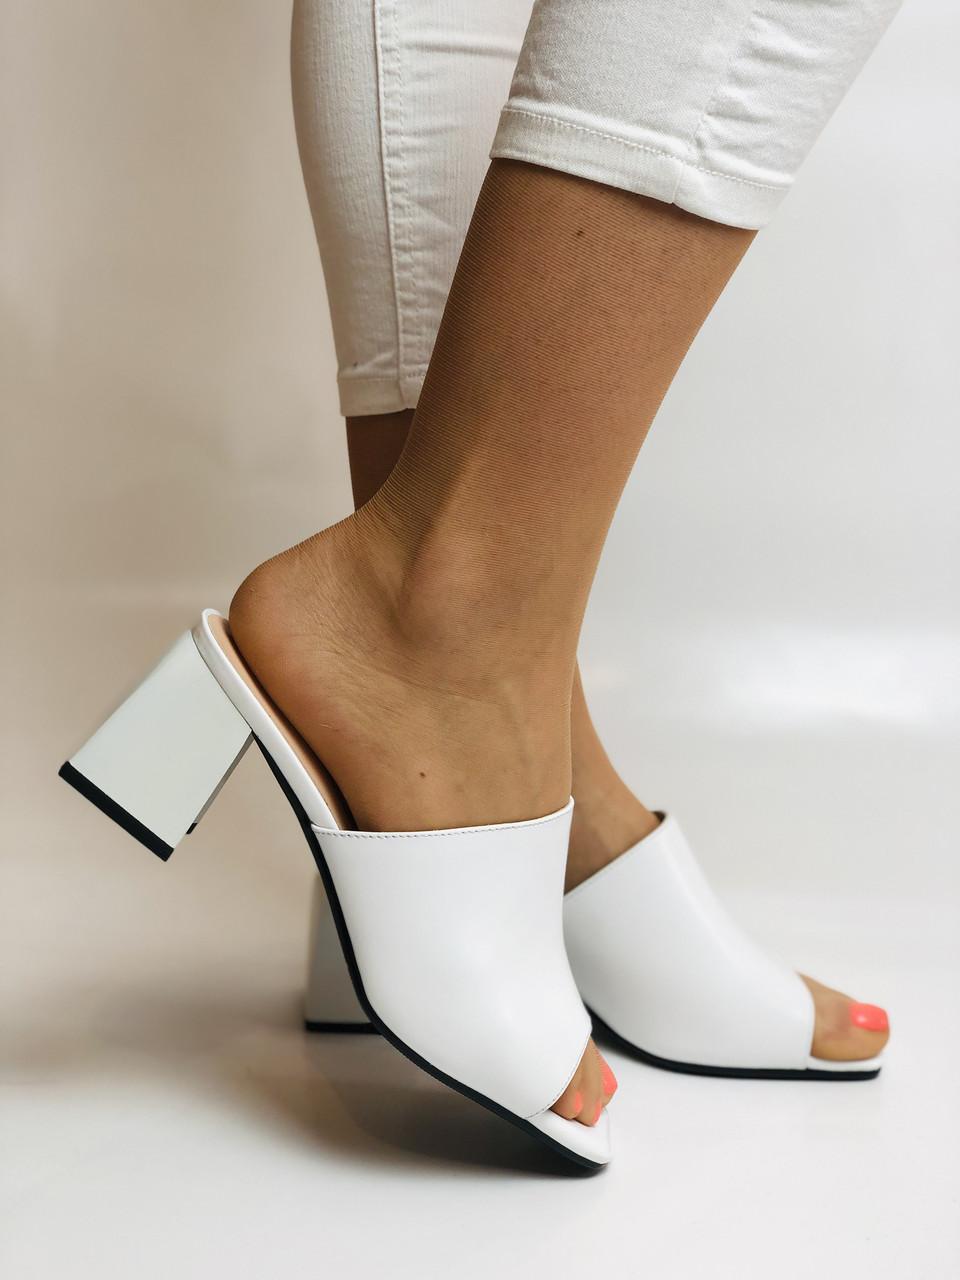 Висока якість! Жіночі босоніжки з відкритим носом,на середньому каблуці,з ремінцем на кісточці.35-40.Vellena